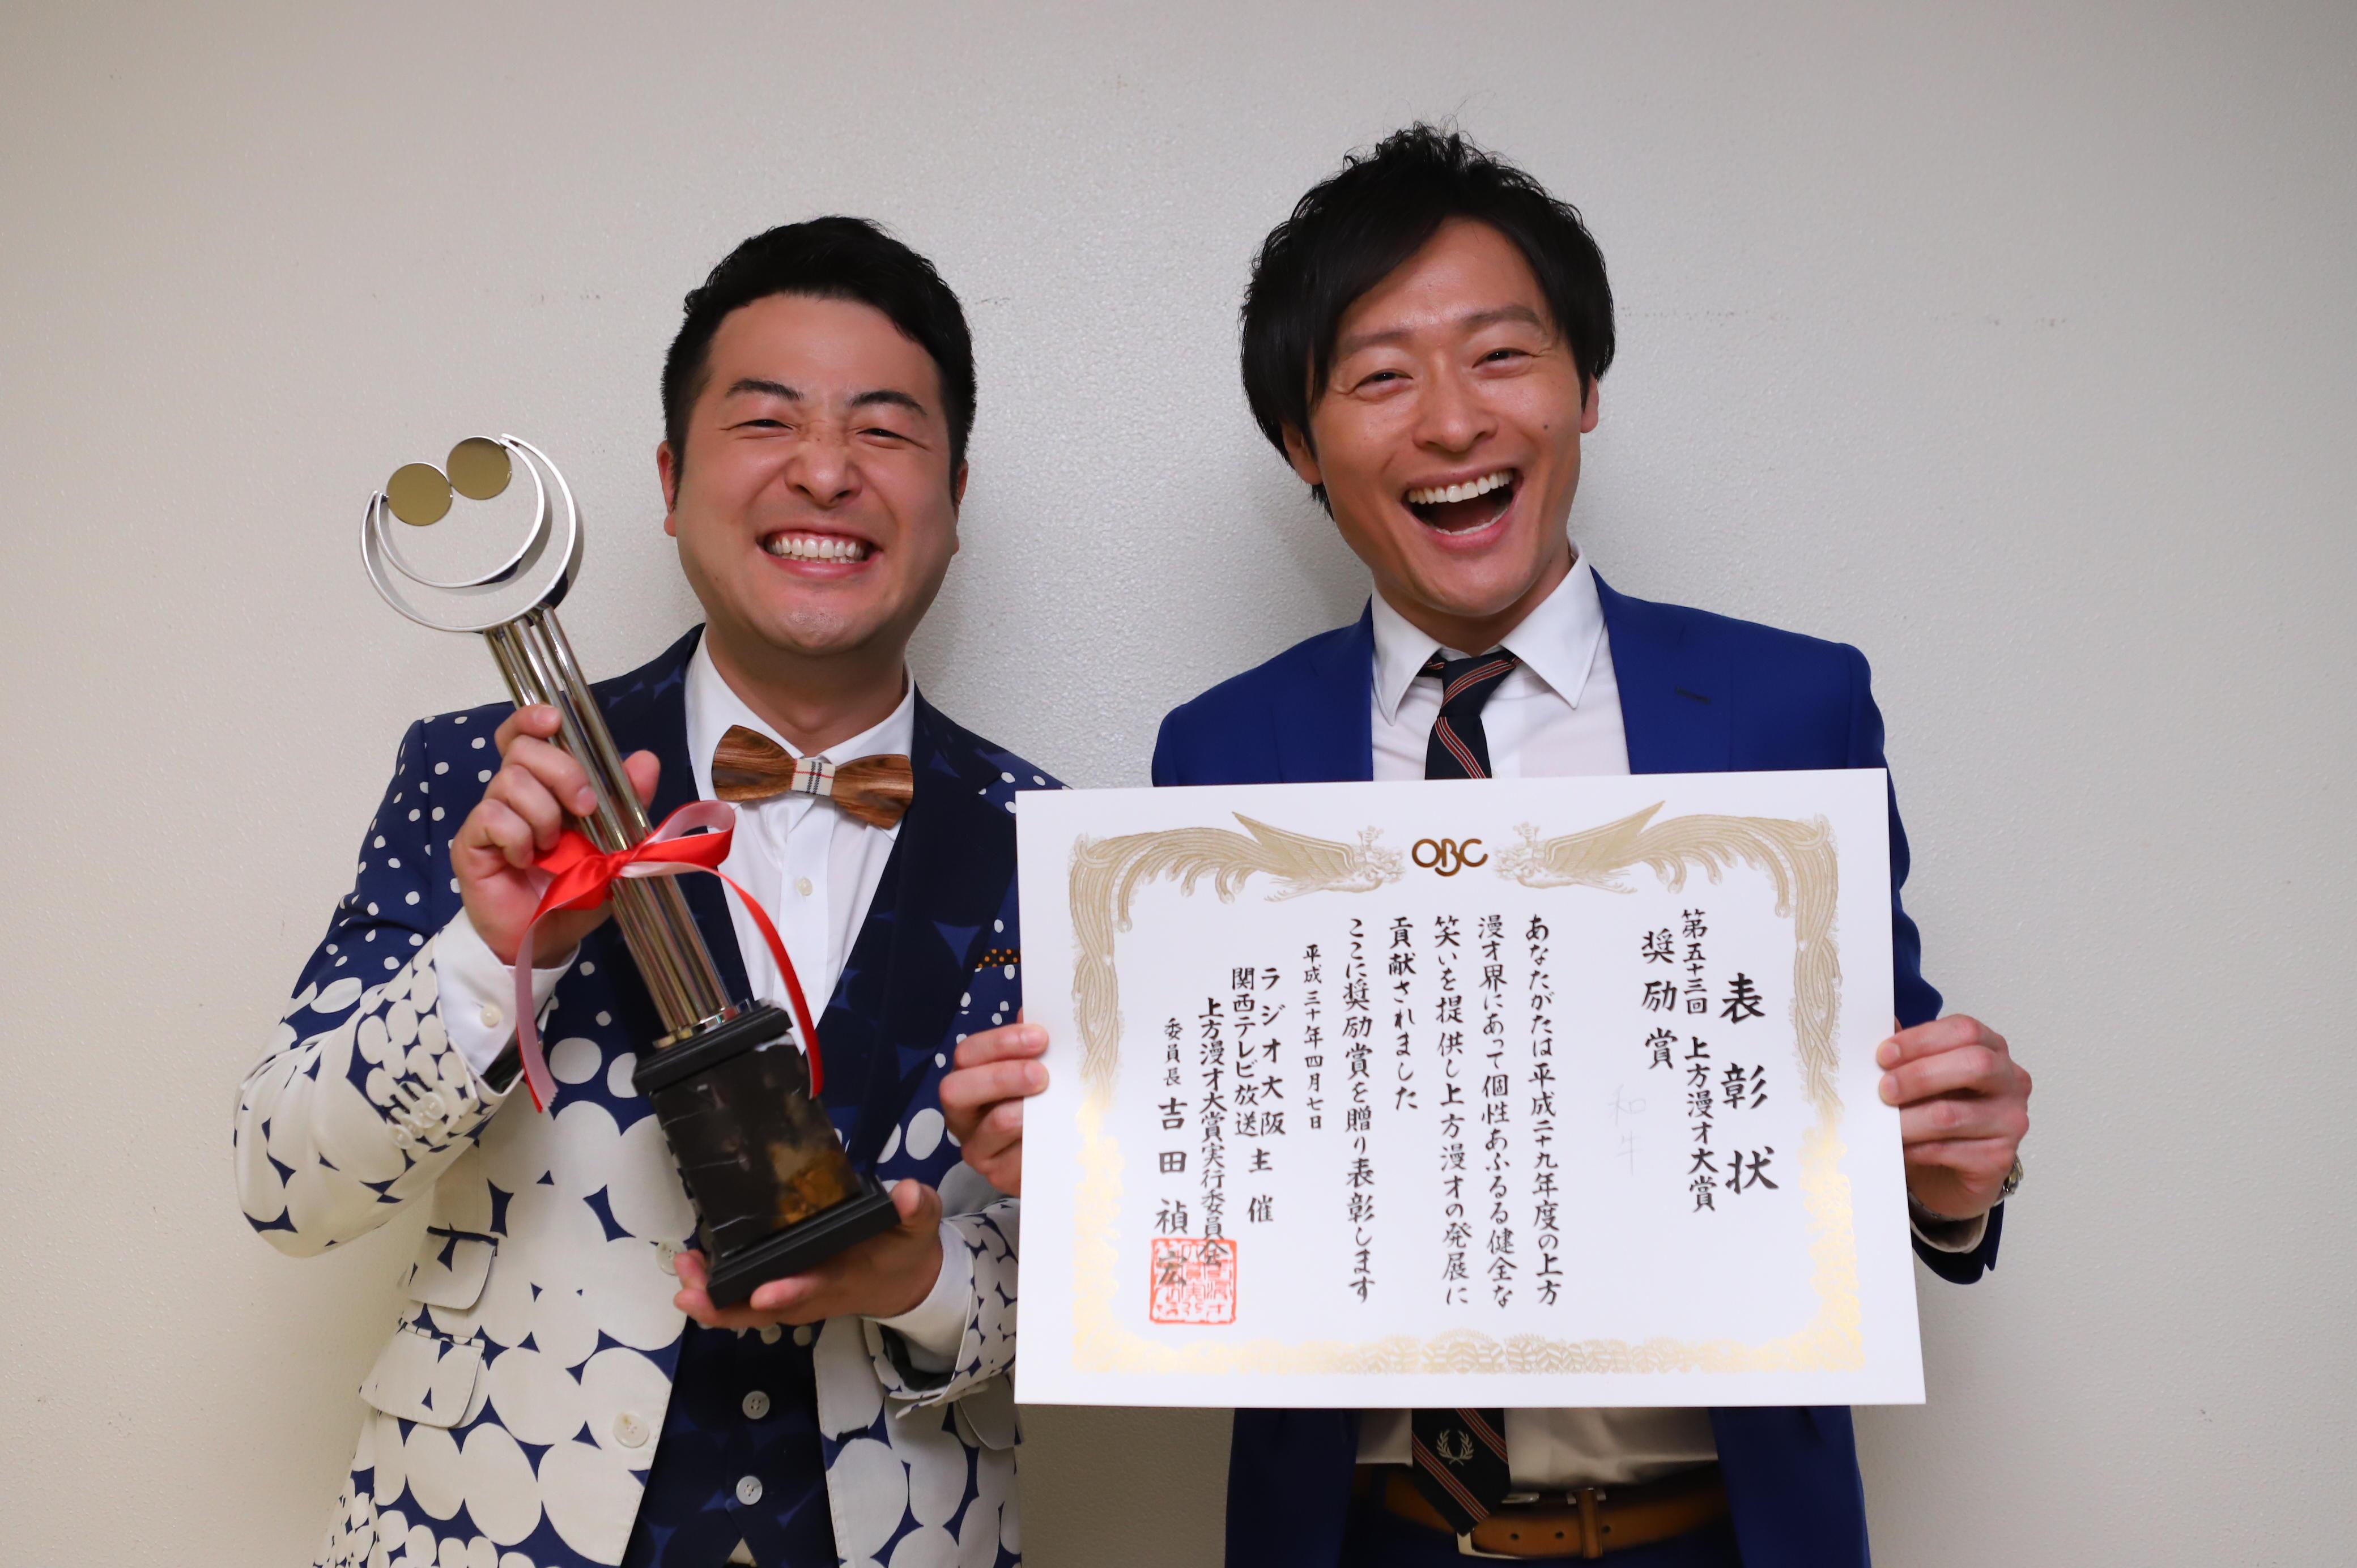 http://news.yoshimoto.co.jp/20180409144111-63841ef8e9fa6745f032b61fe8f142cb7641815d.jpg